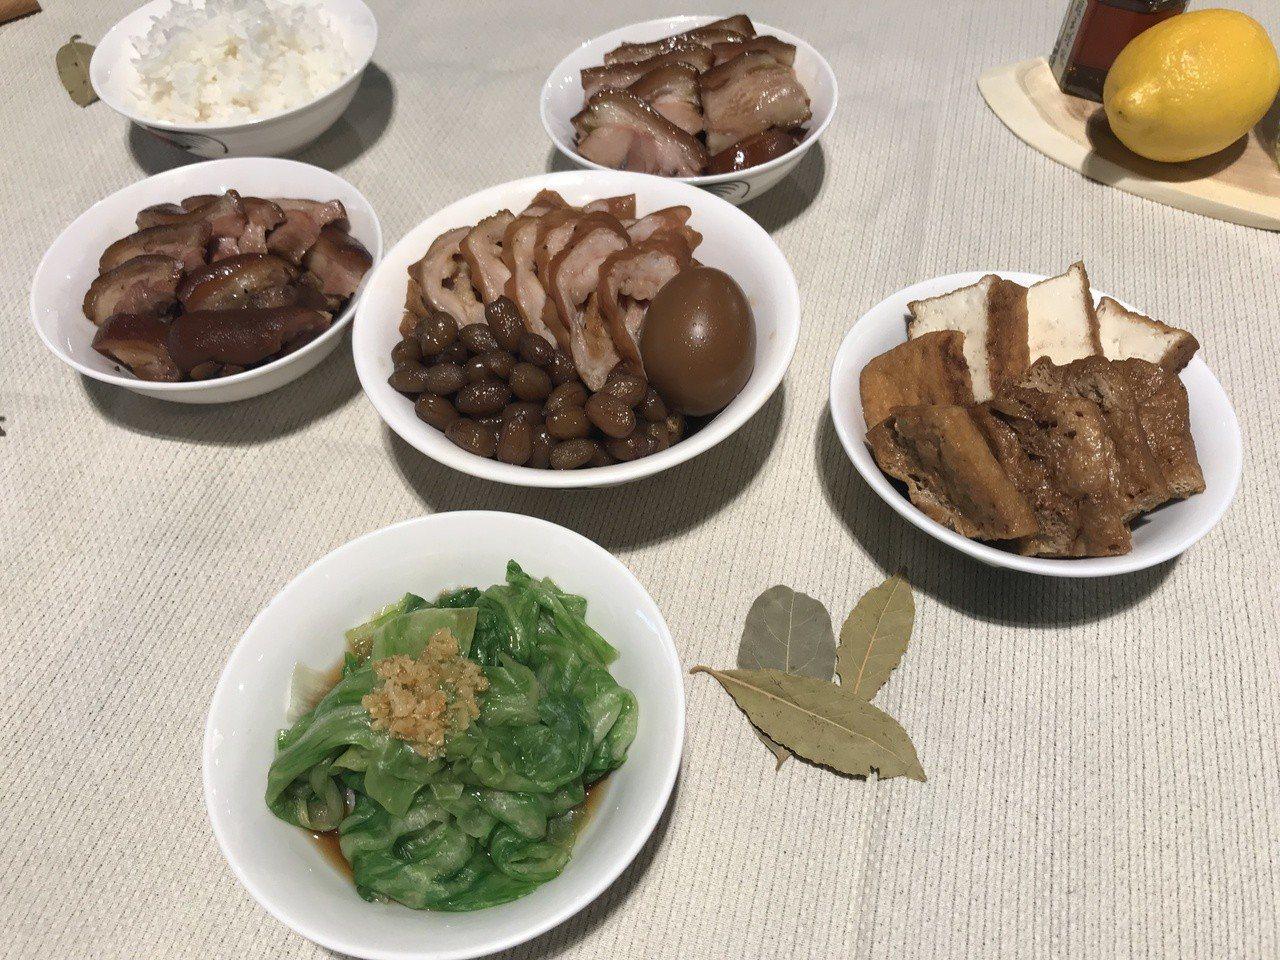 旅遊新加坡必嚐美食非肉骨茶這道庶民小吃莫屬,但肉骨茶發源地其實是馬來西亞巴生港。...